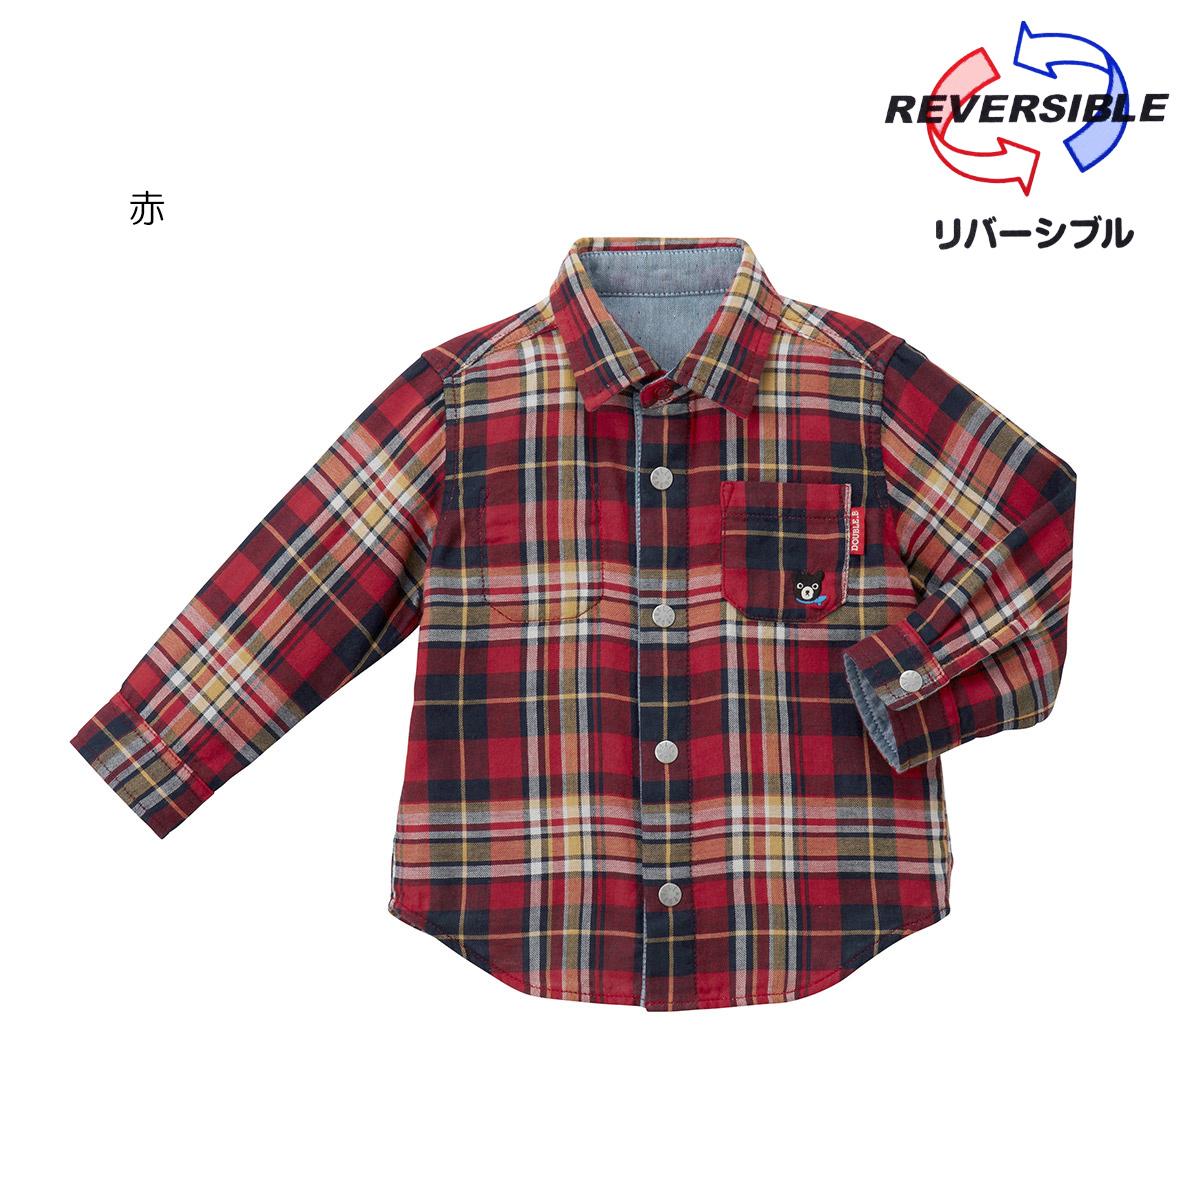 ミキハウス ダブルビー mikihouse リバーシブルシャツ(110cm・120cm・130cm・140cm・150cm)